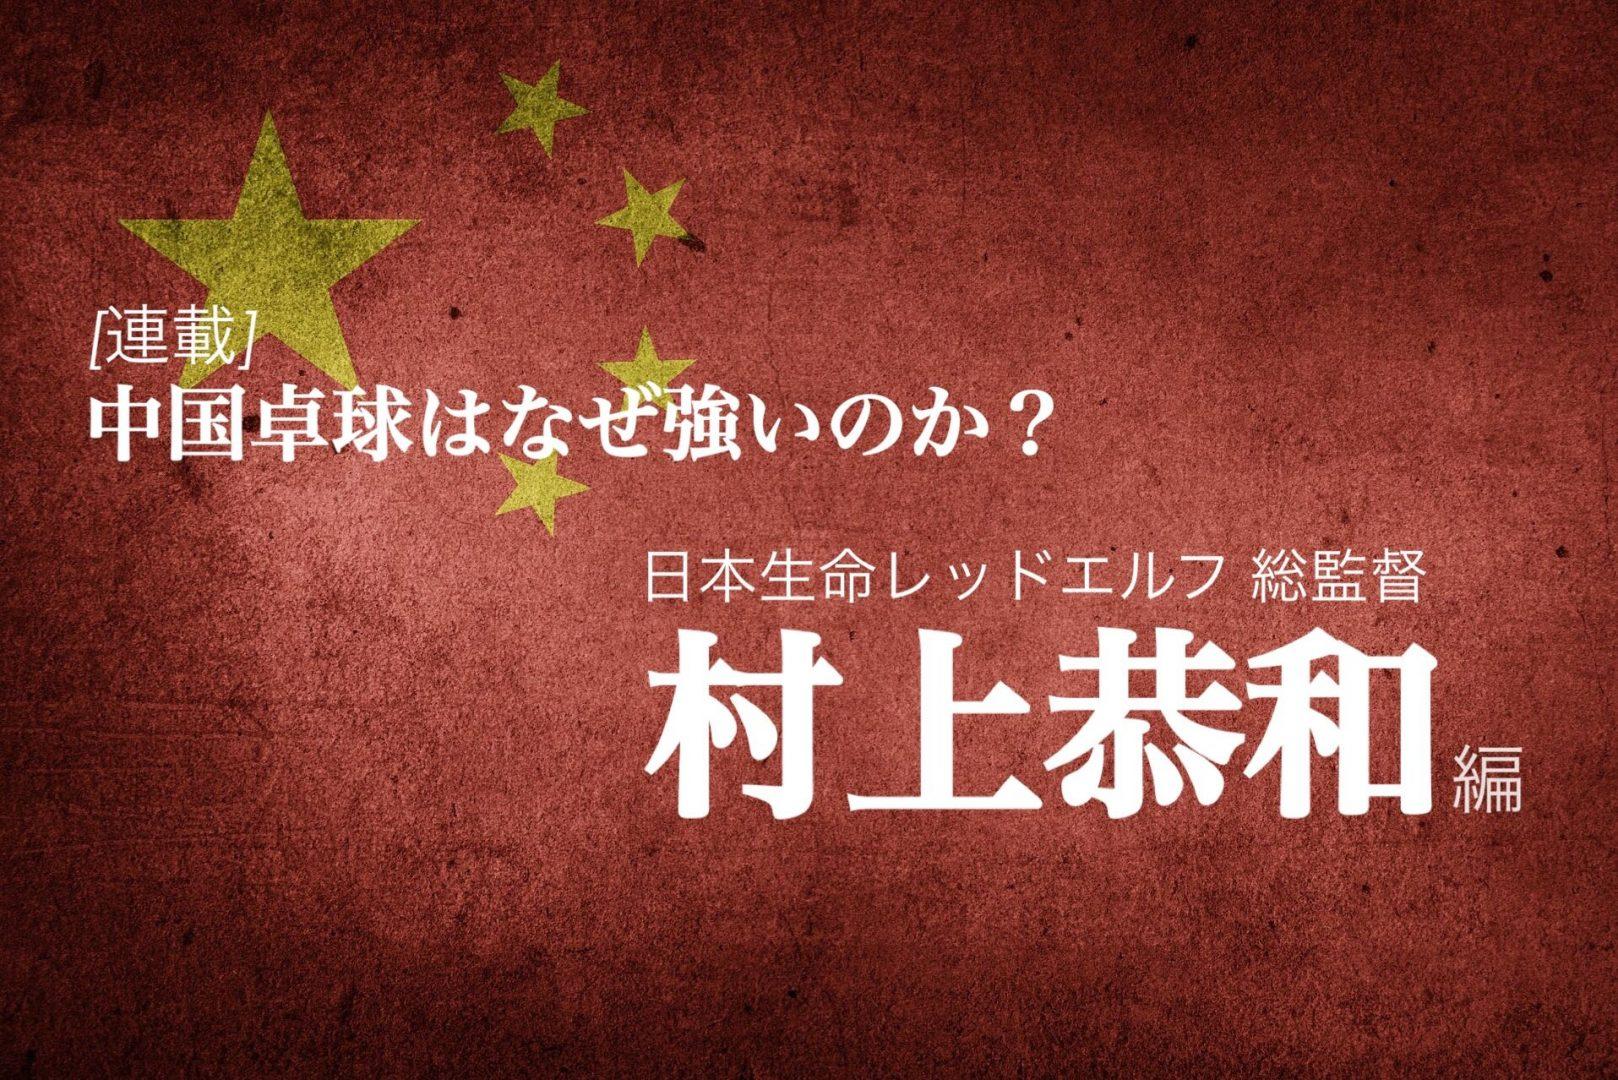 なぜ中国は卓球が強いのか?<Vol5. 村上恭和>